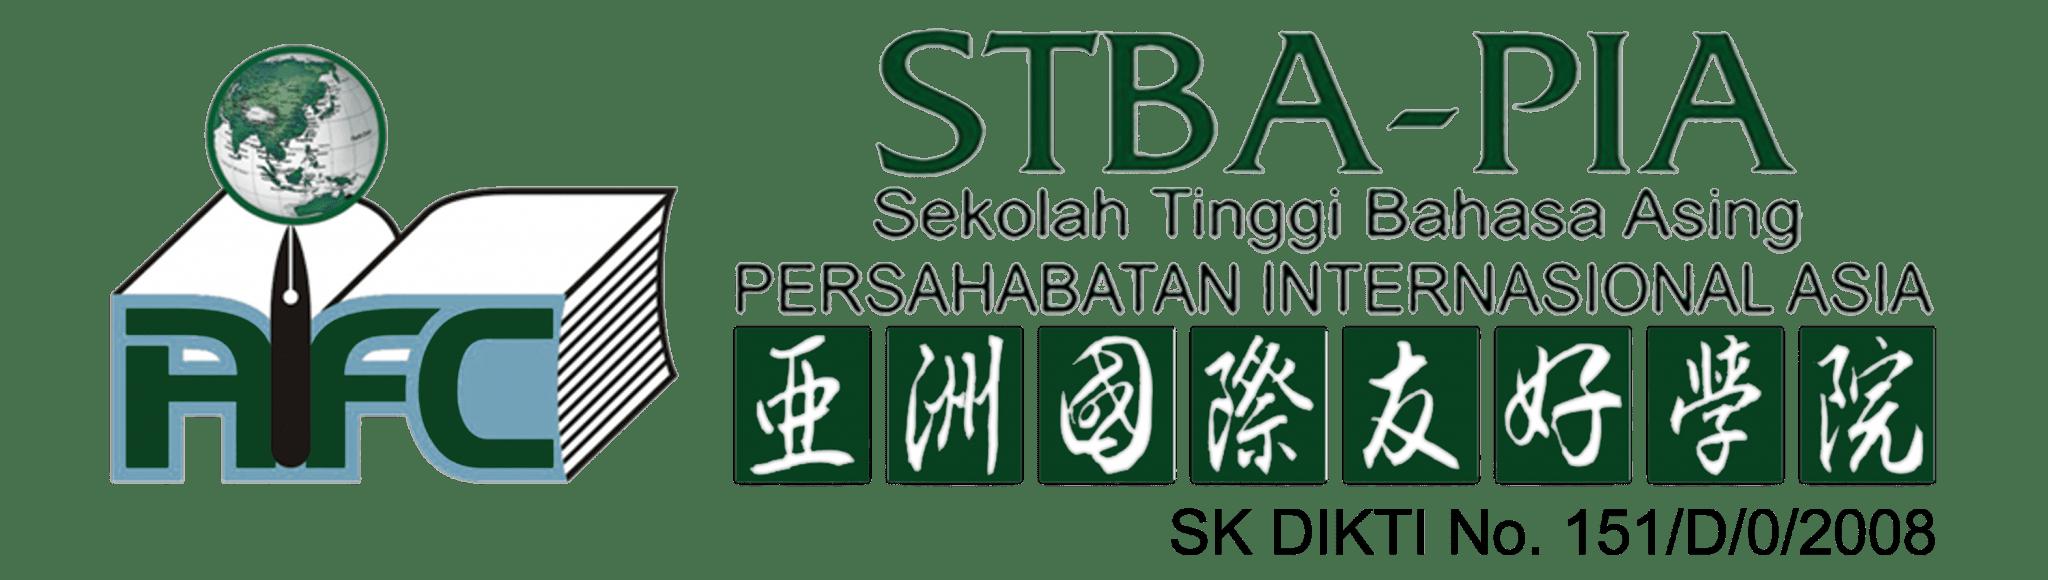 Hasil gambar untuk STBA PIA